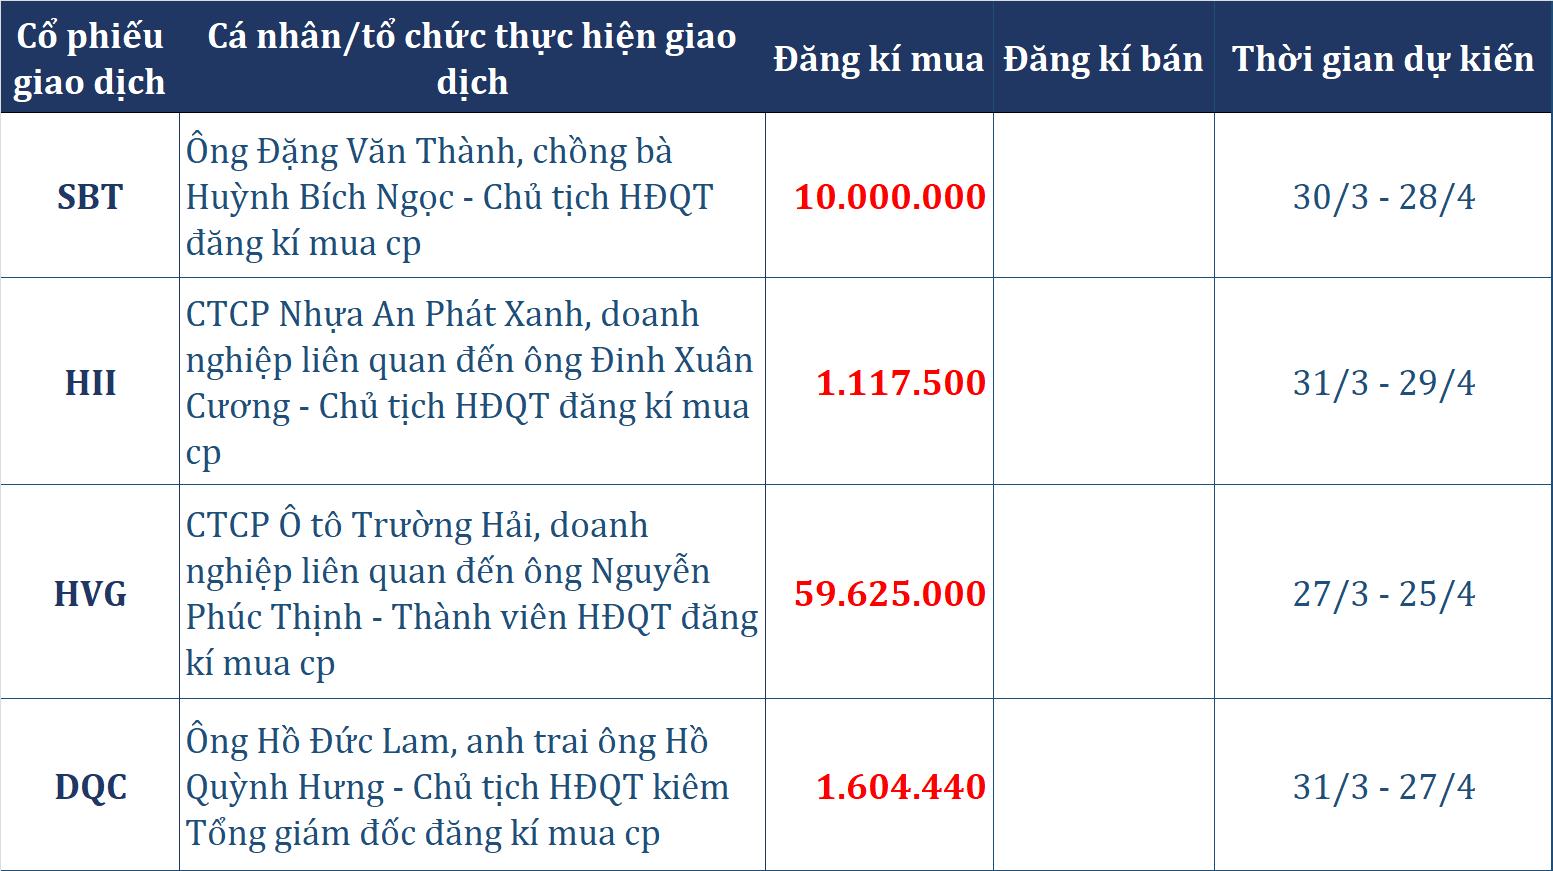 Dòng tiền thông minh 27/3: Khối tự doanh mở rộng đà bán ròng lên hơn 200 tỉ đồng, ông Đặng Văn Thành muốn mua 10 triệu cổ phần SBT - Ảnh 2.